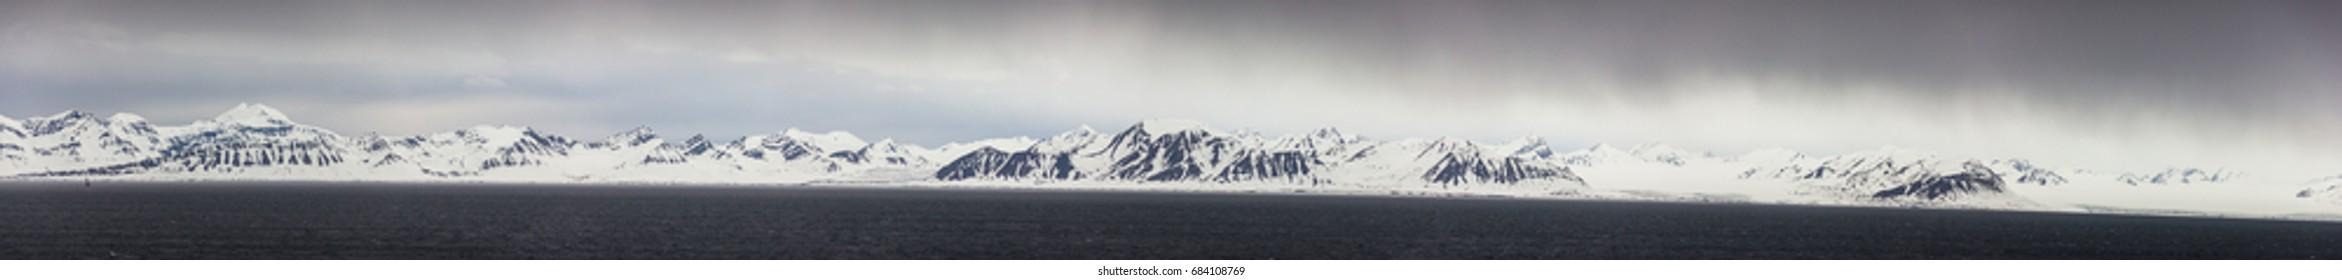 Northern Norway near Longyearbyen in Spitsbergen, Svalbard